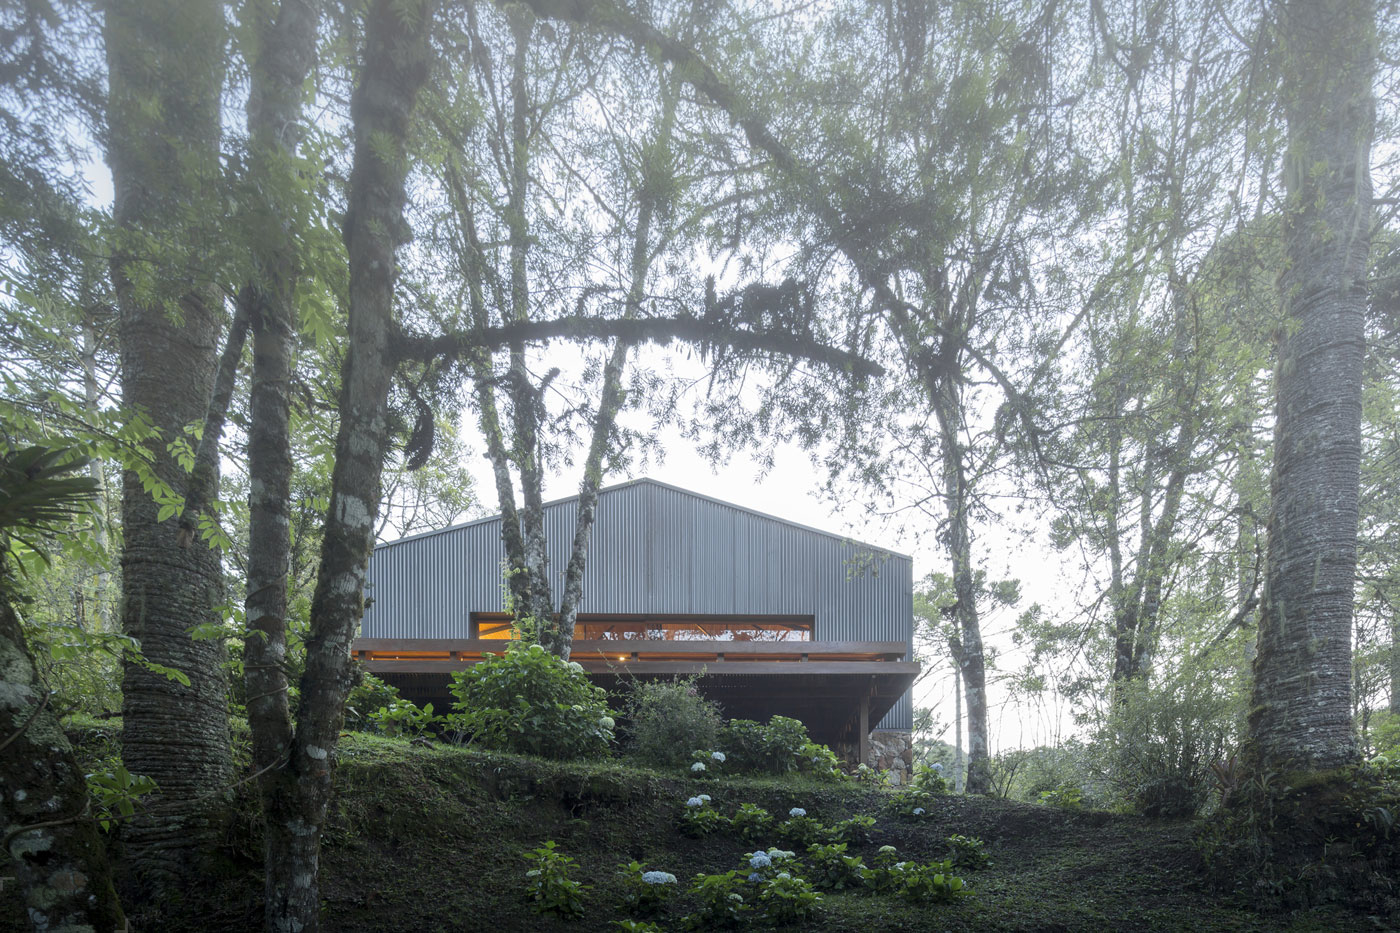 Загородная резиденция Casa Mororo в стиле бразильского минимализма